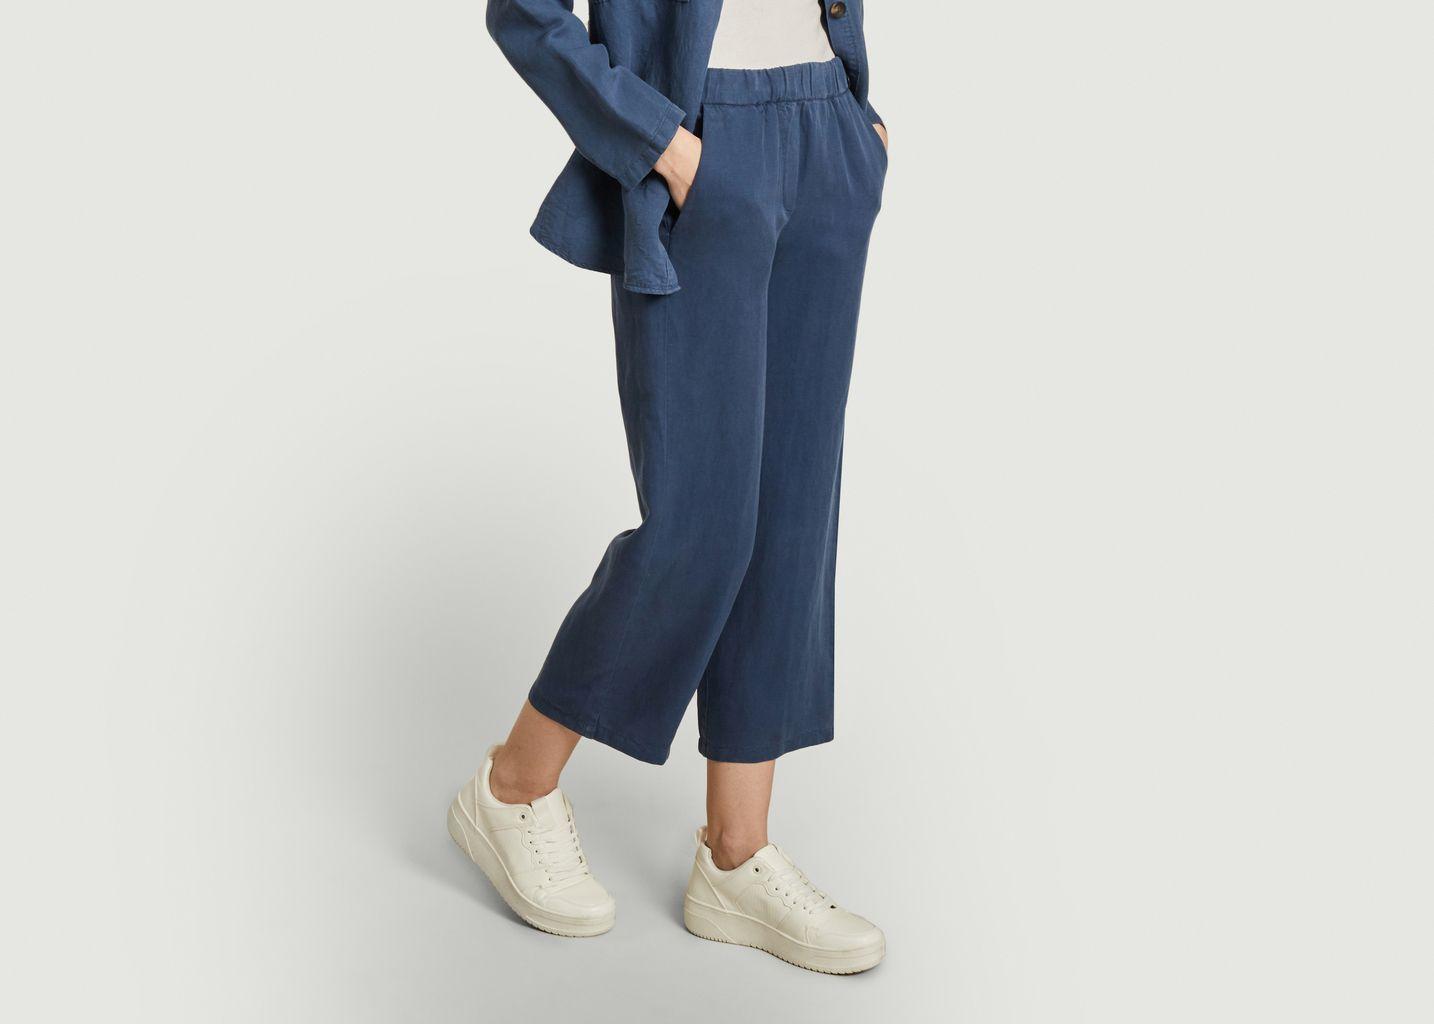 Pantalon Pantero  - Diega